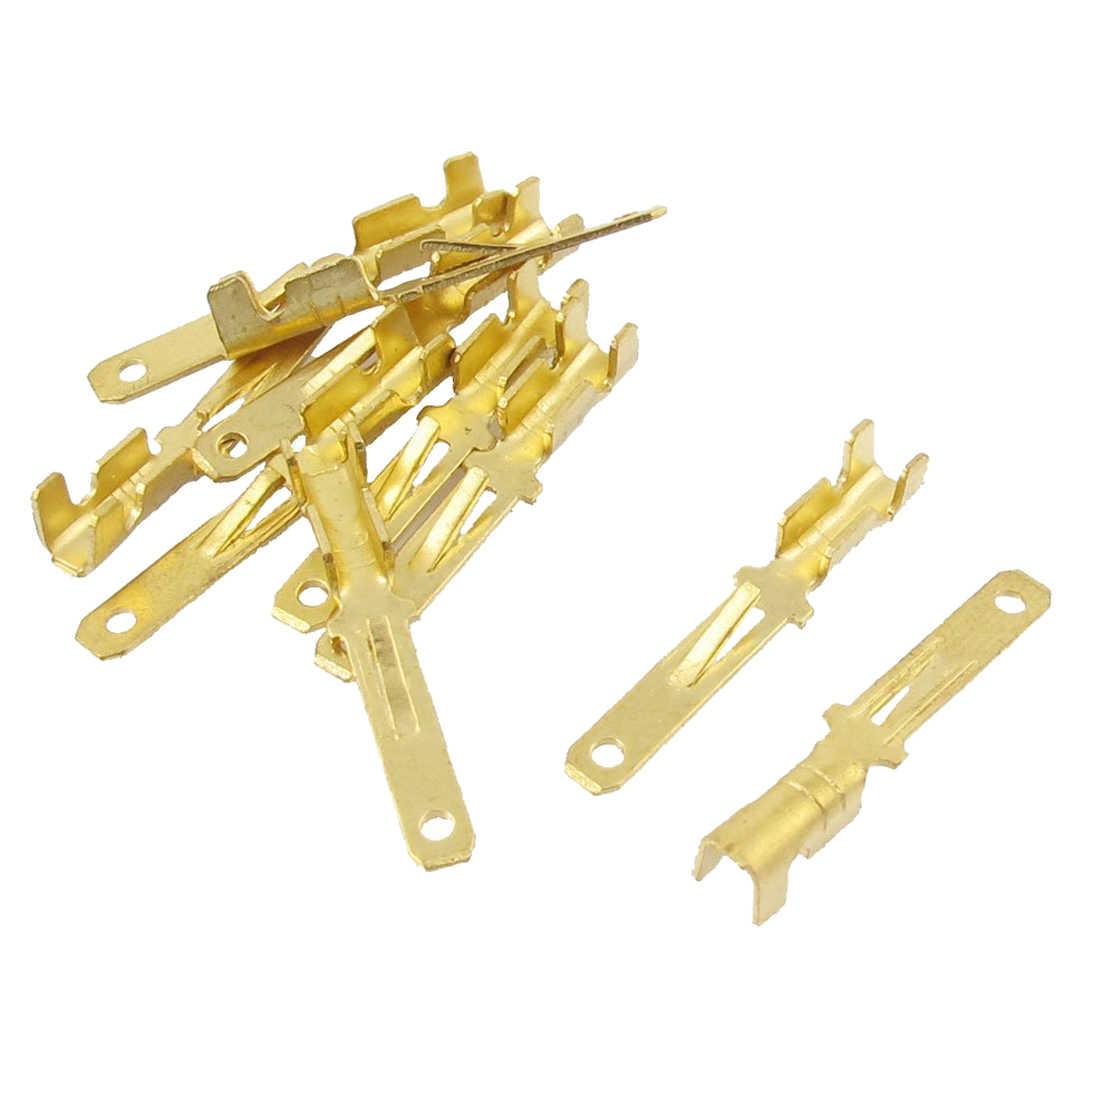 MYLB-男性スペード圧着端子配線コネクタ、 2.8 ミリメートル、ゴールドトーン、 10 ピース